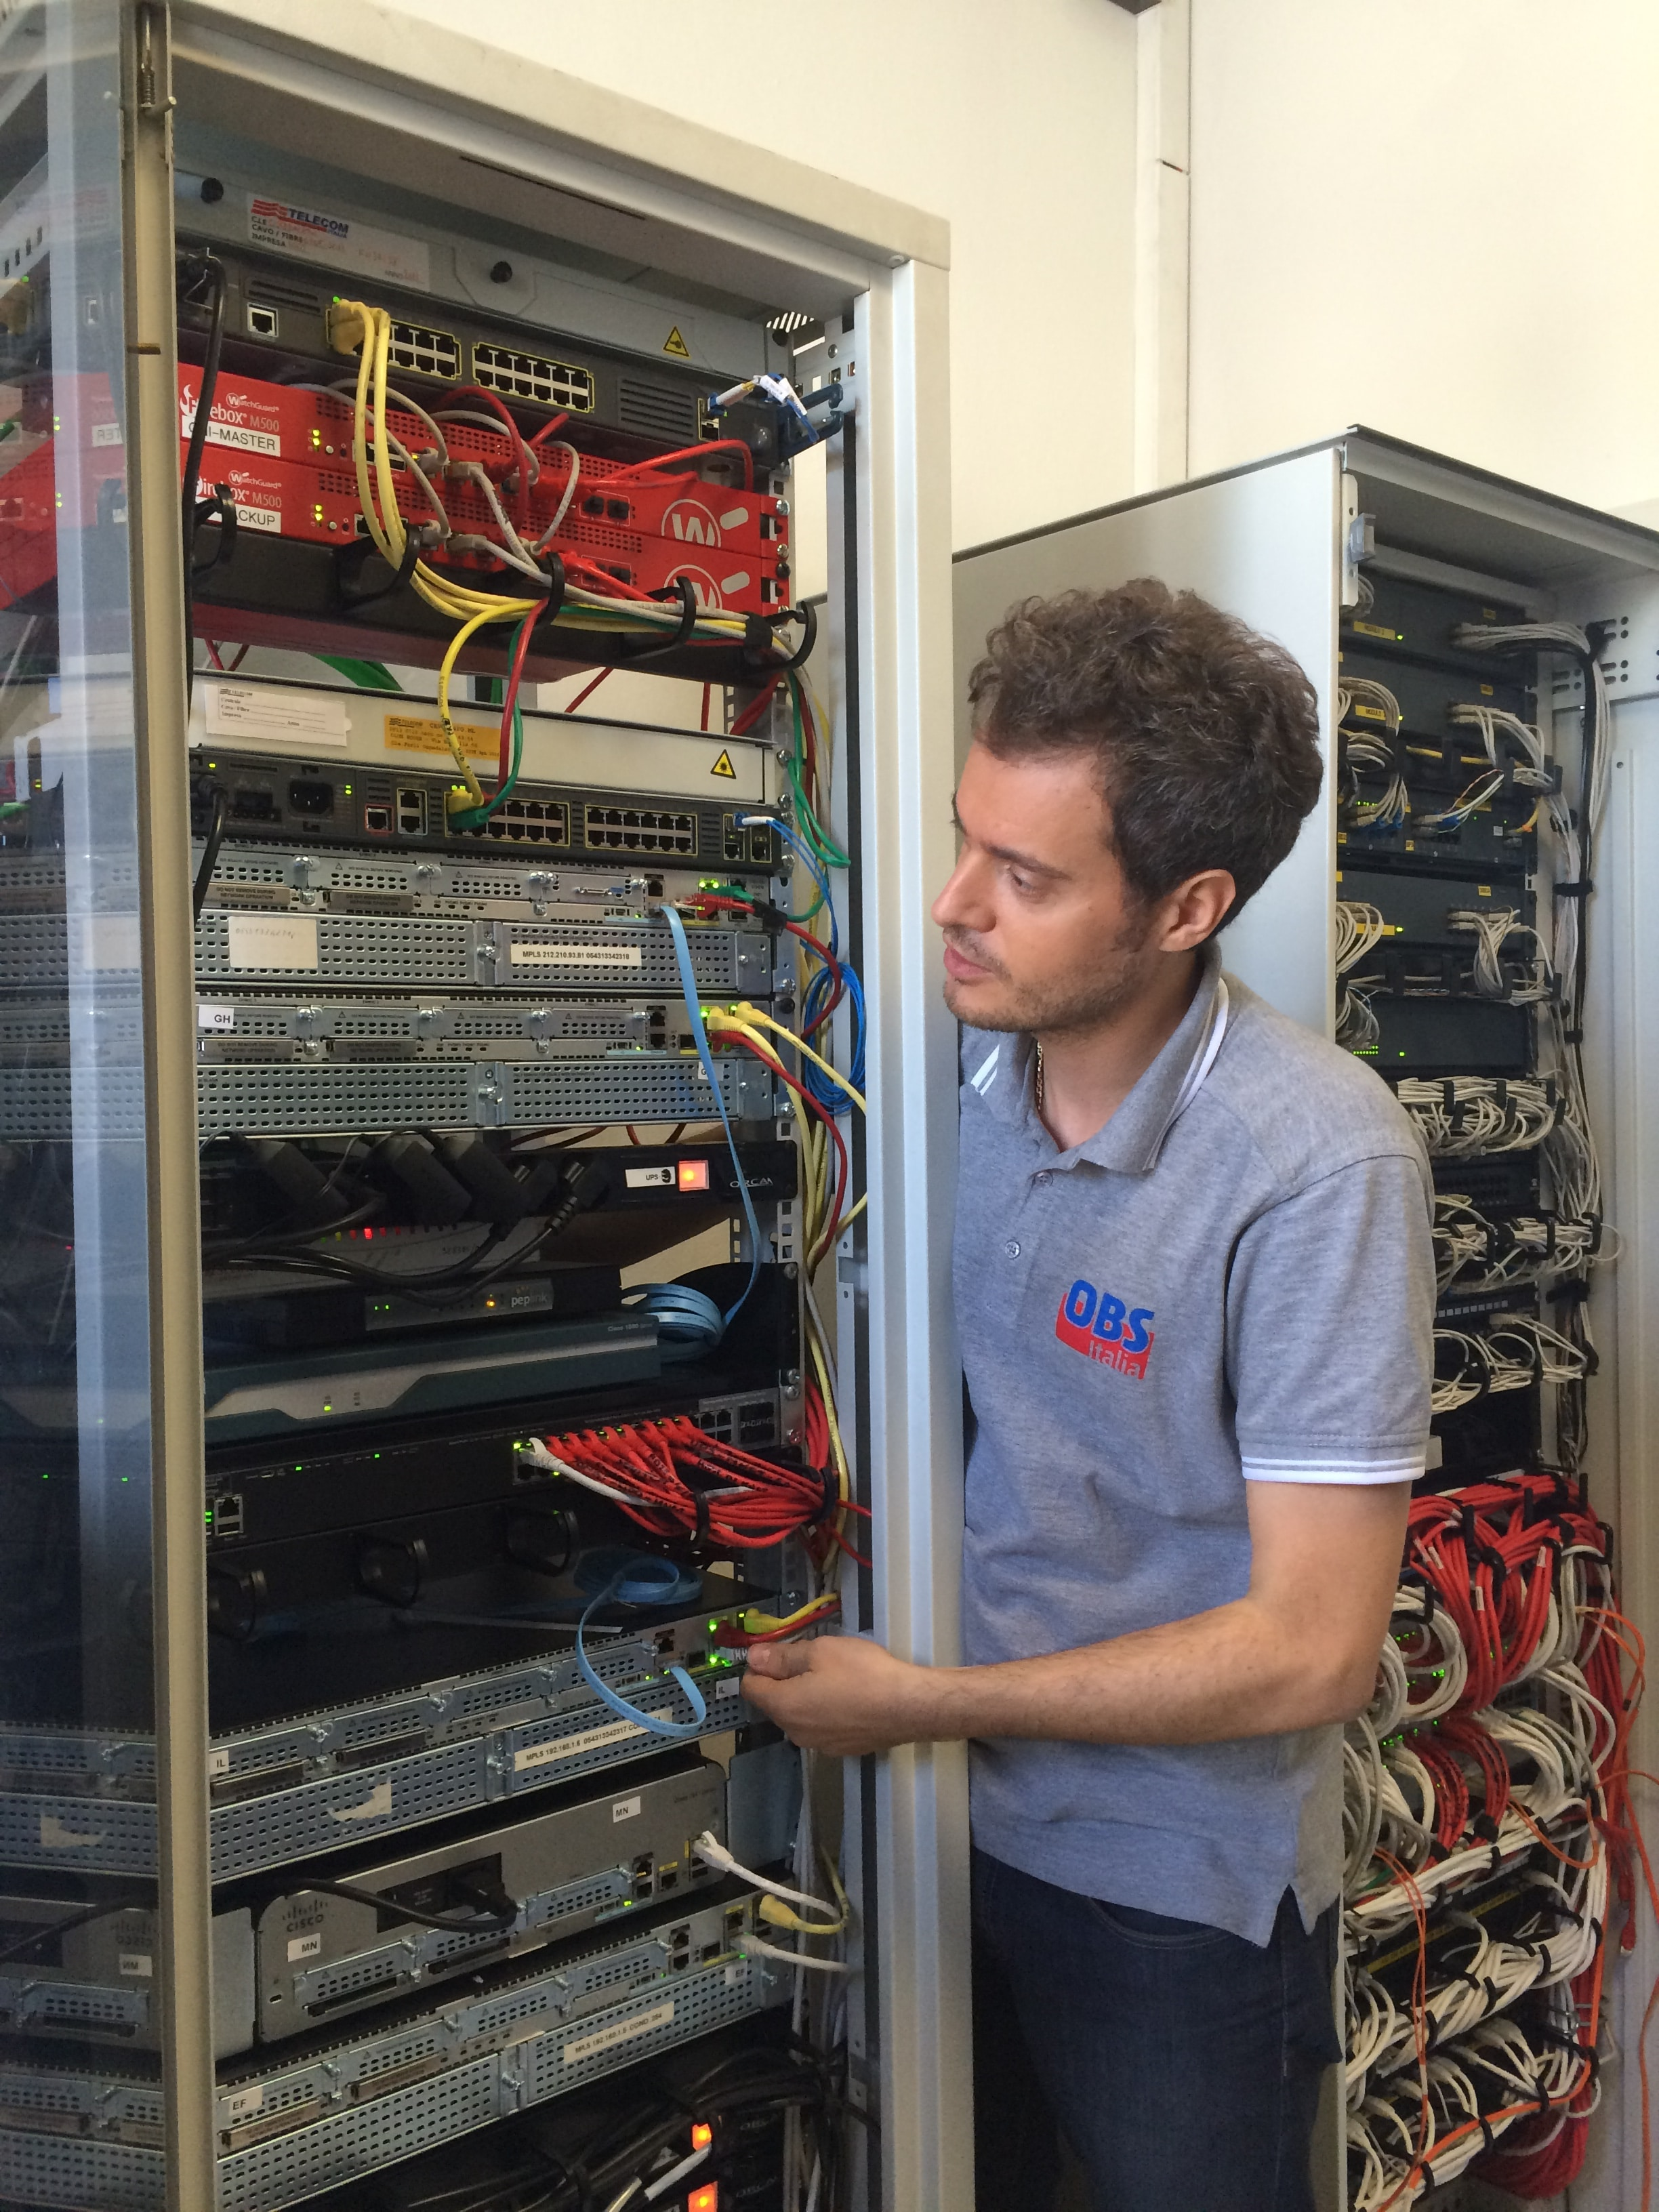 armadio-server-parenti-lavoro